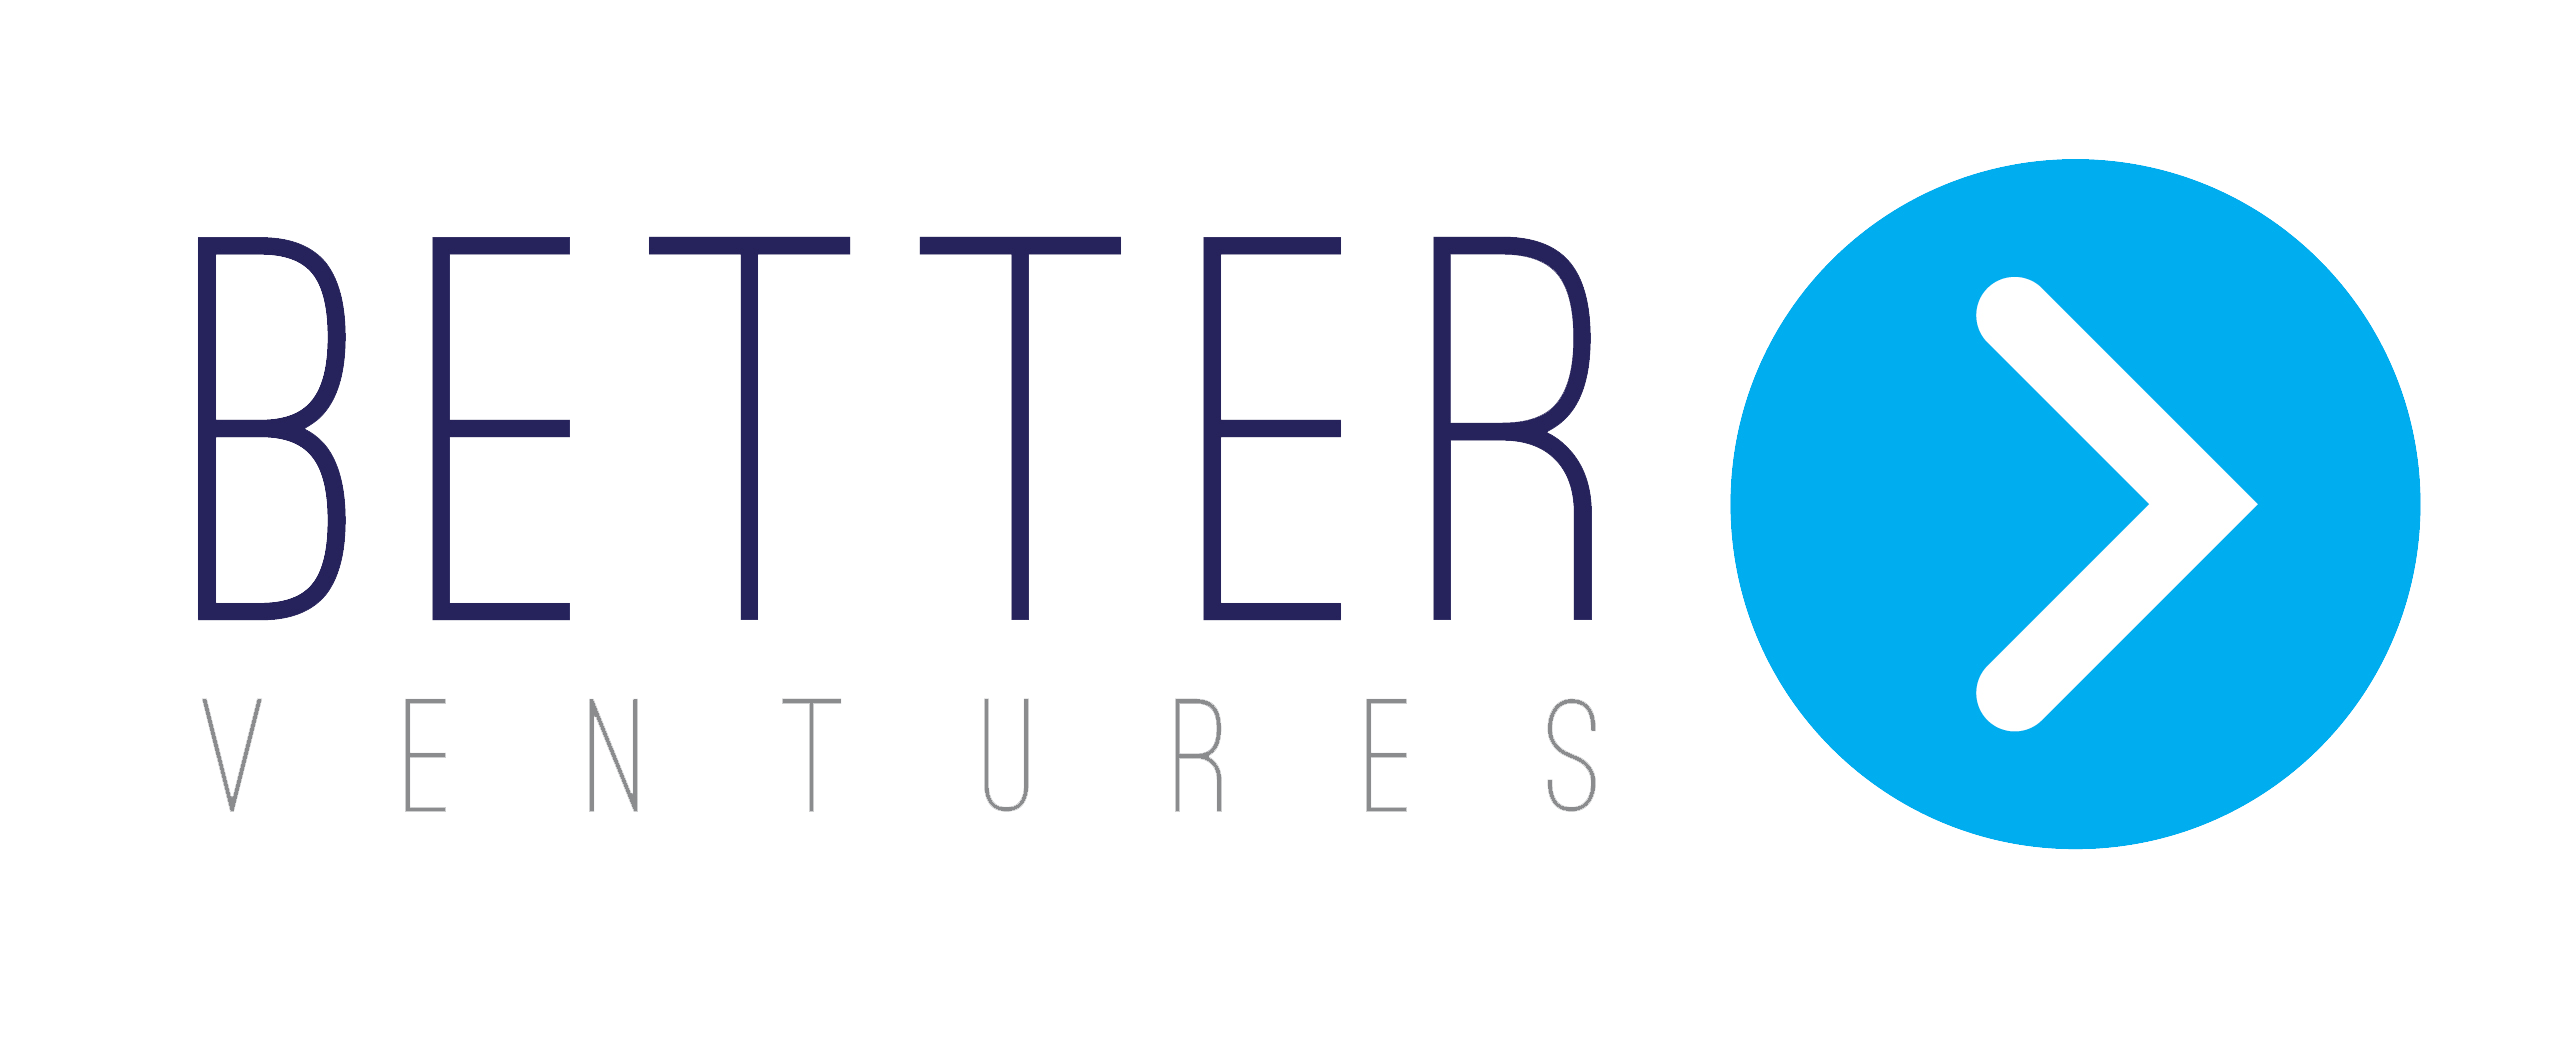 Better Ventures